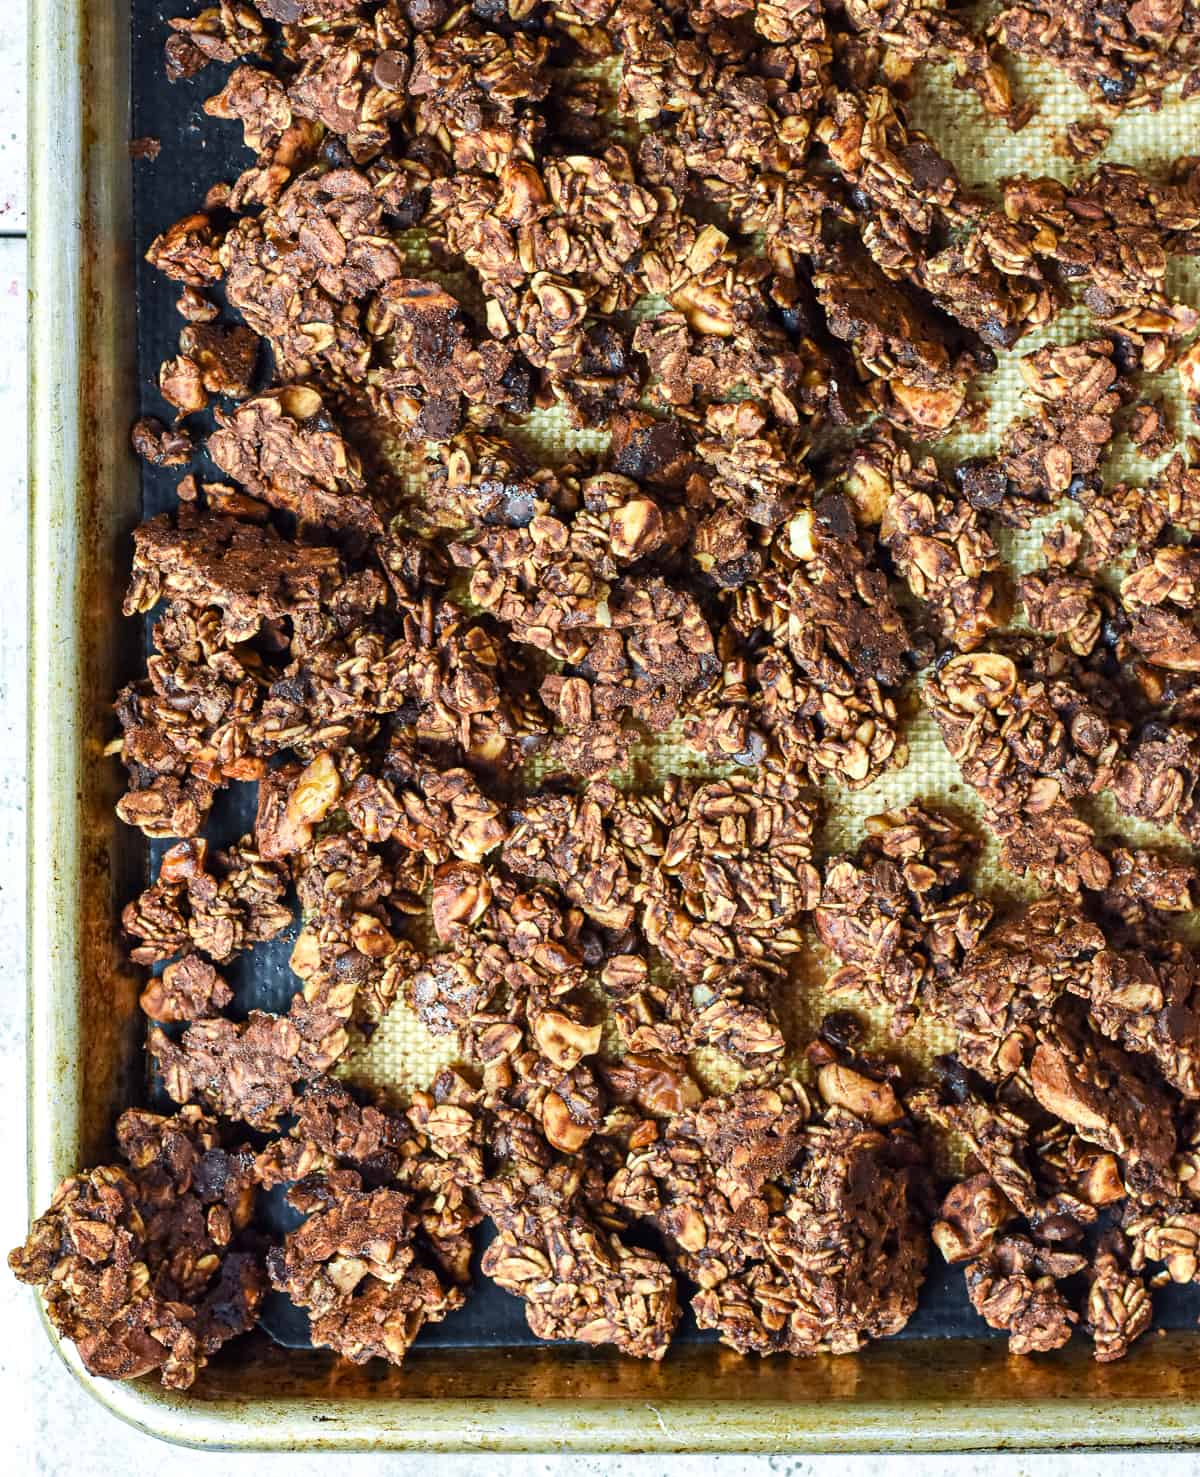 Vegan chocolate granola on baking sheet.